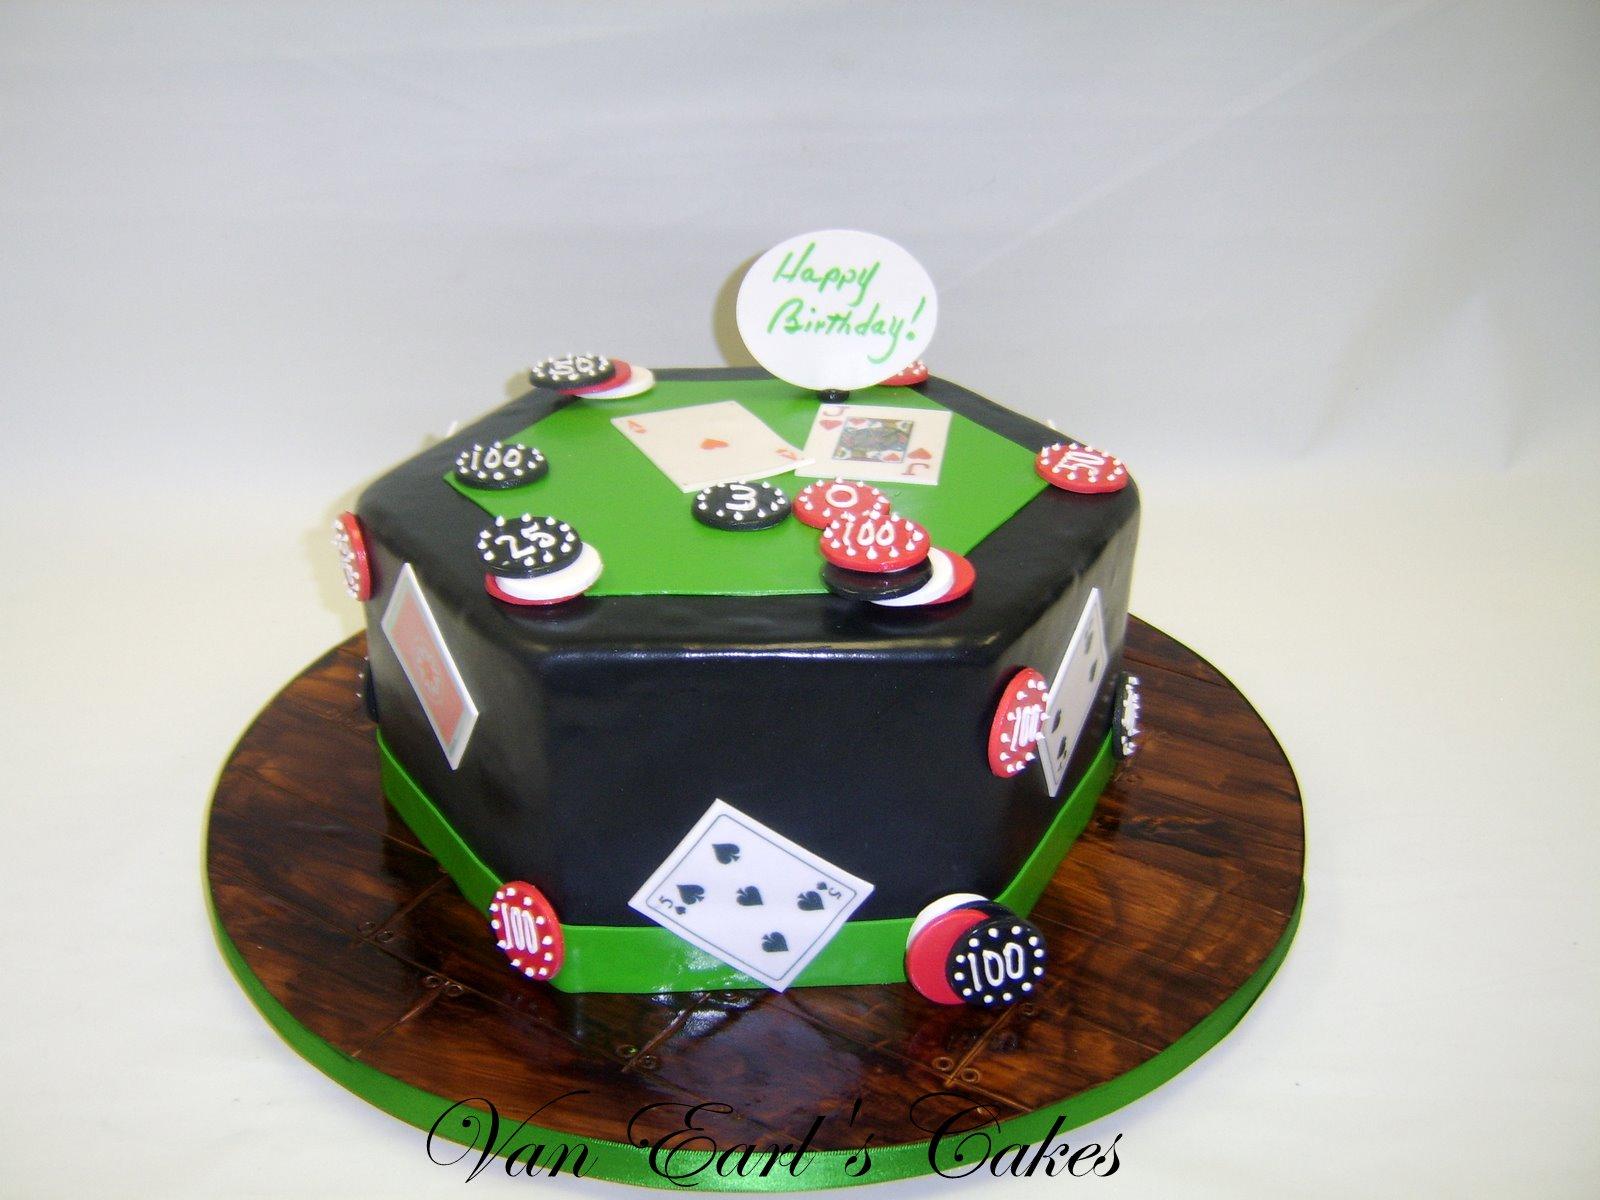 Van Earls Cakes Poker Table Birthday Cake